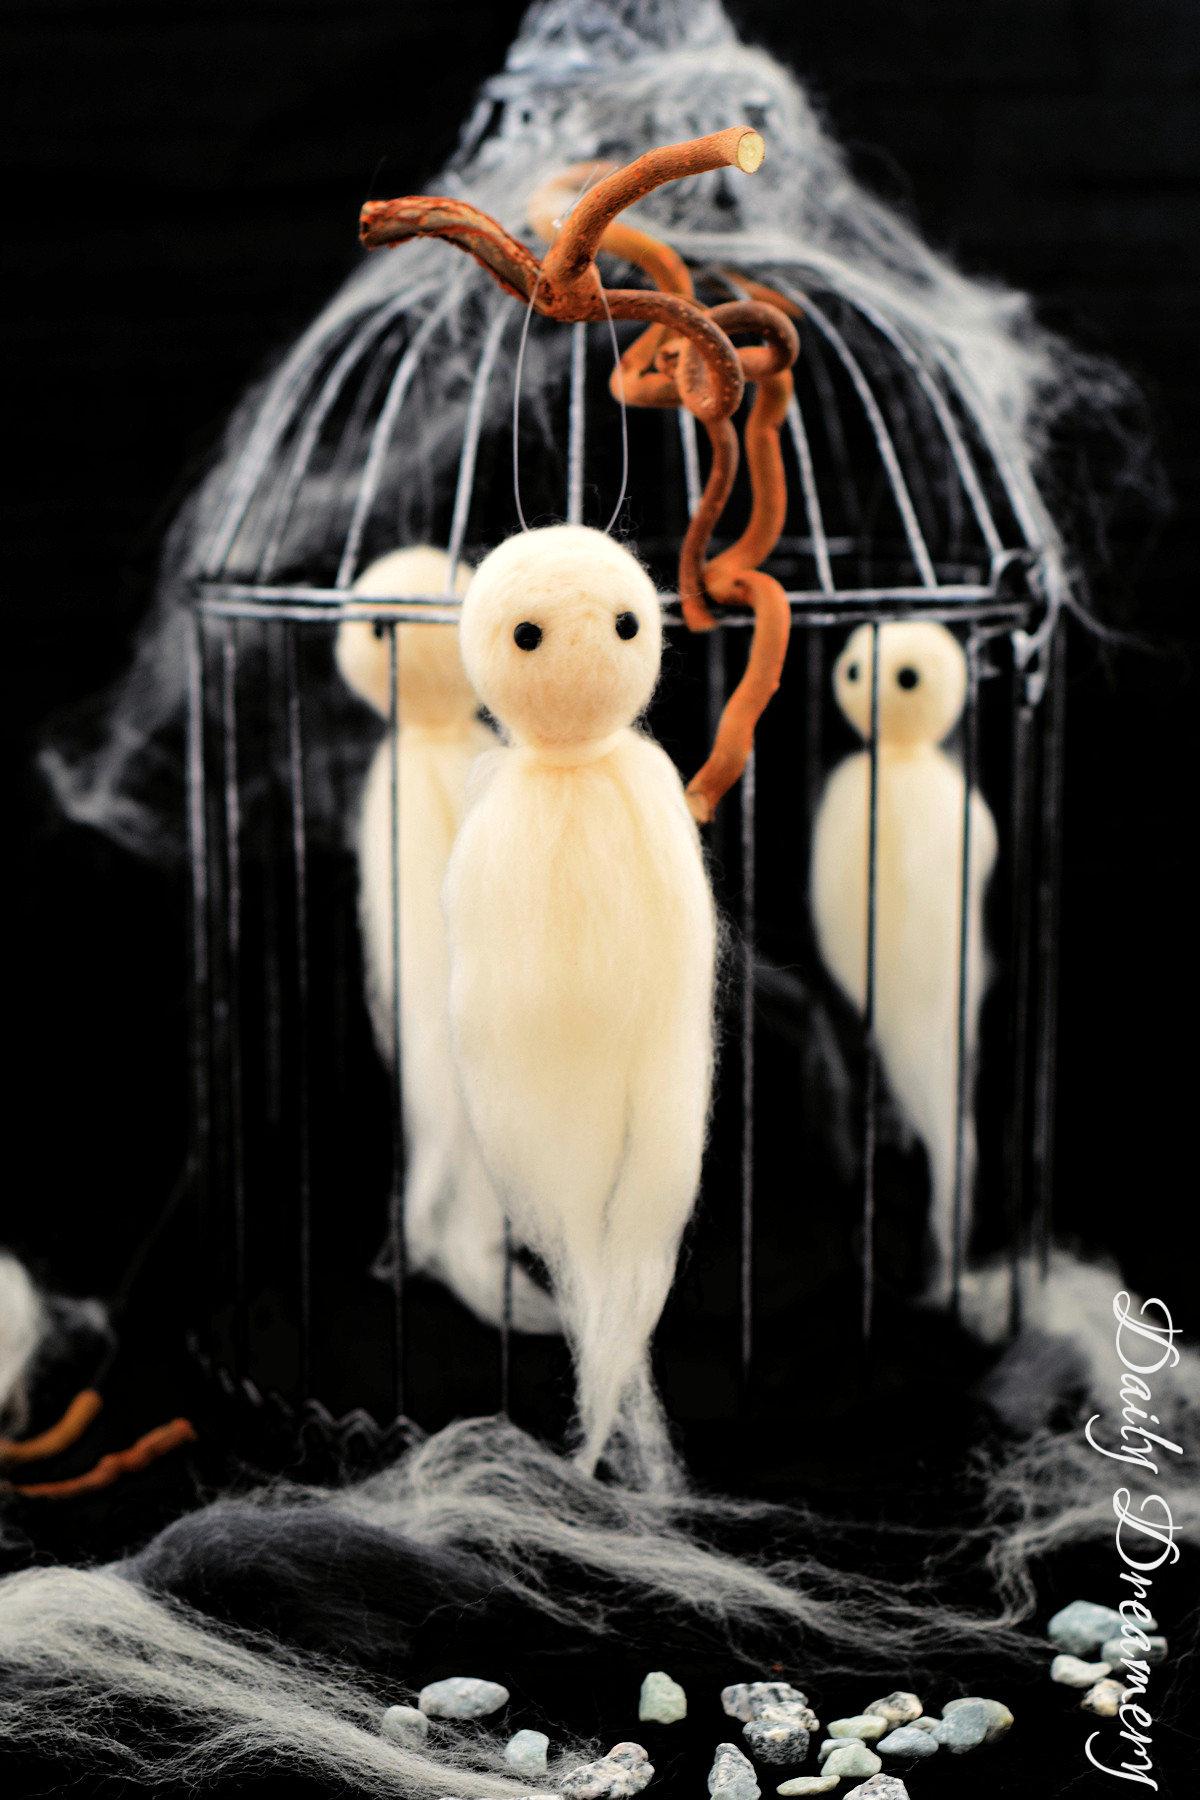 schsurig-süße Filz-Geister ganz einfach trockenfilzen - witzige Halloween-Dekoration #trockenfilzen #Halloween #Dekoration